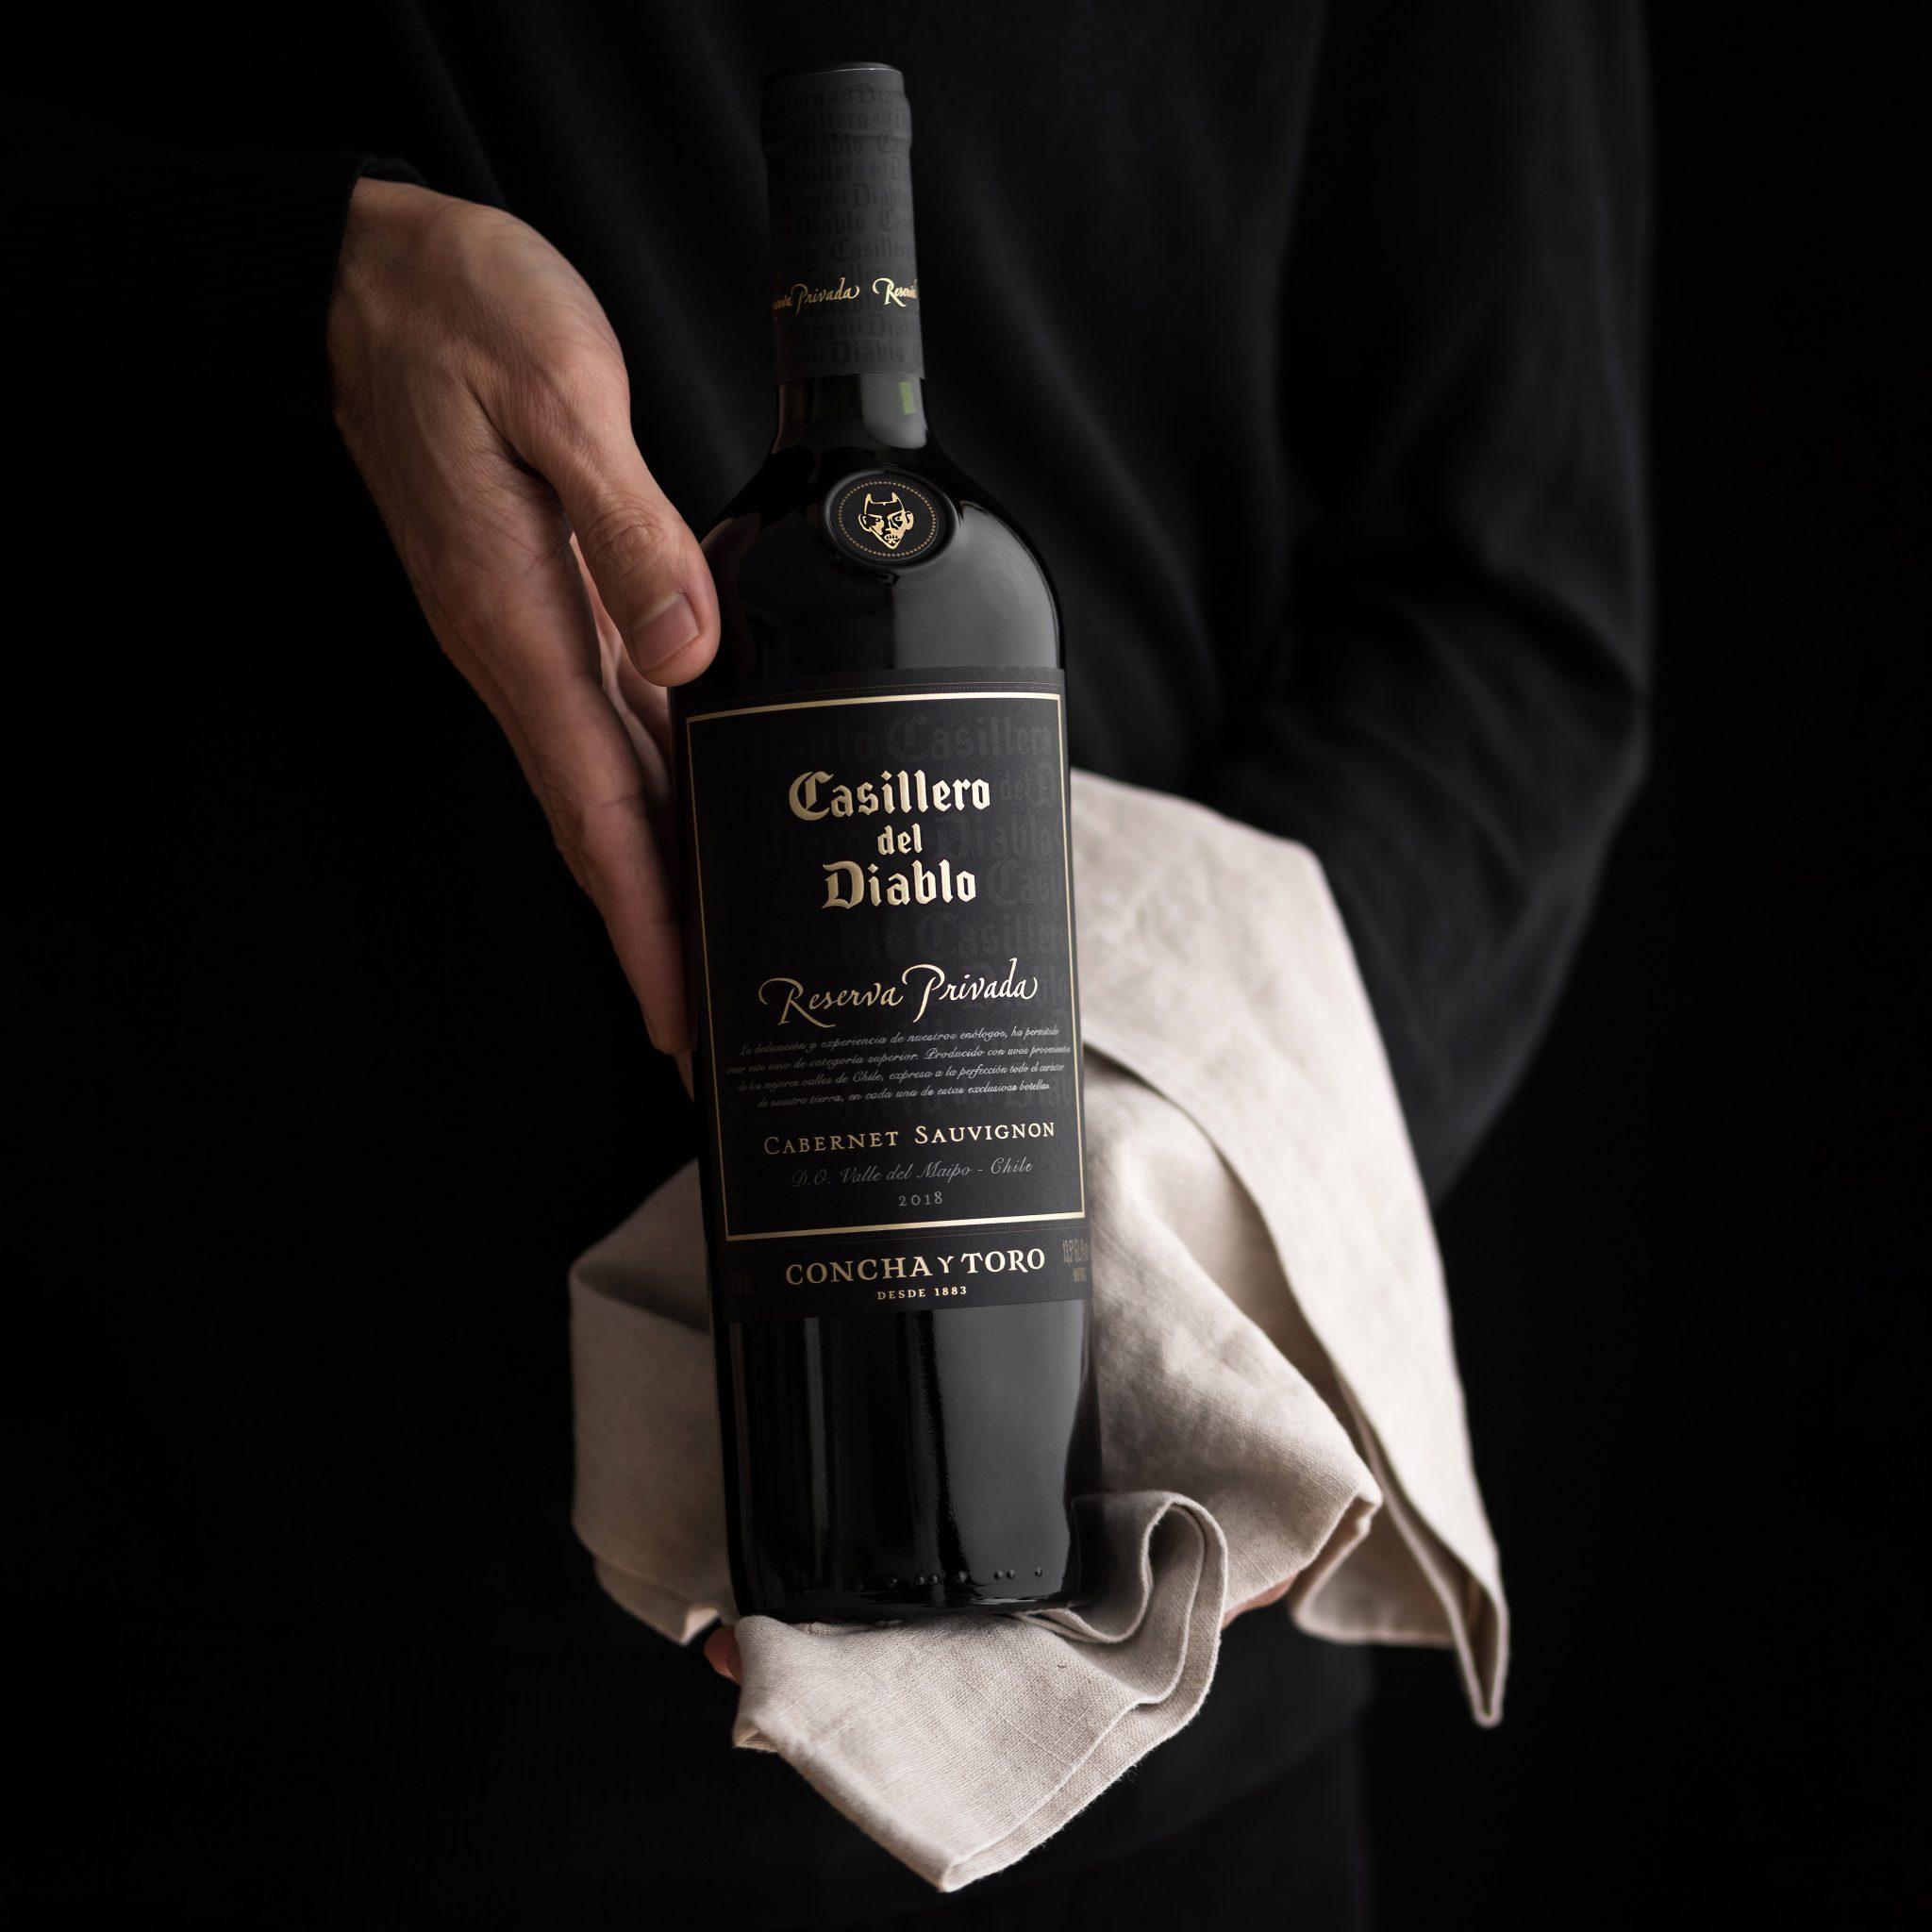 Día de los Enamorados: Sommelier recomienda los vinos ideales para acompañar una inolvidable cena y así sorprender a tu pareja